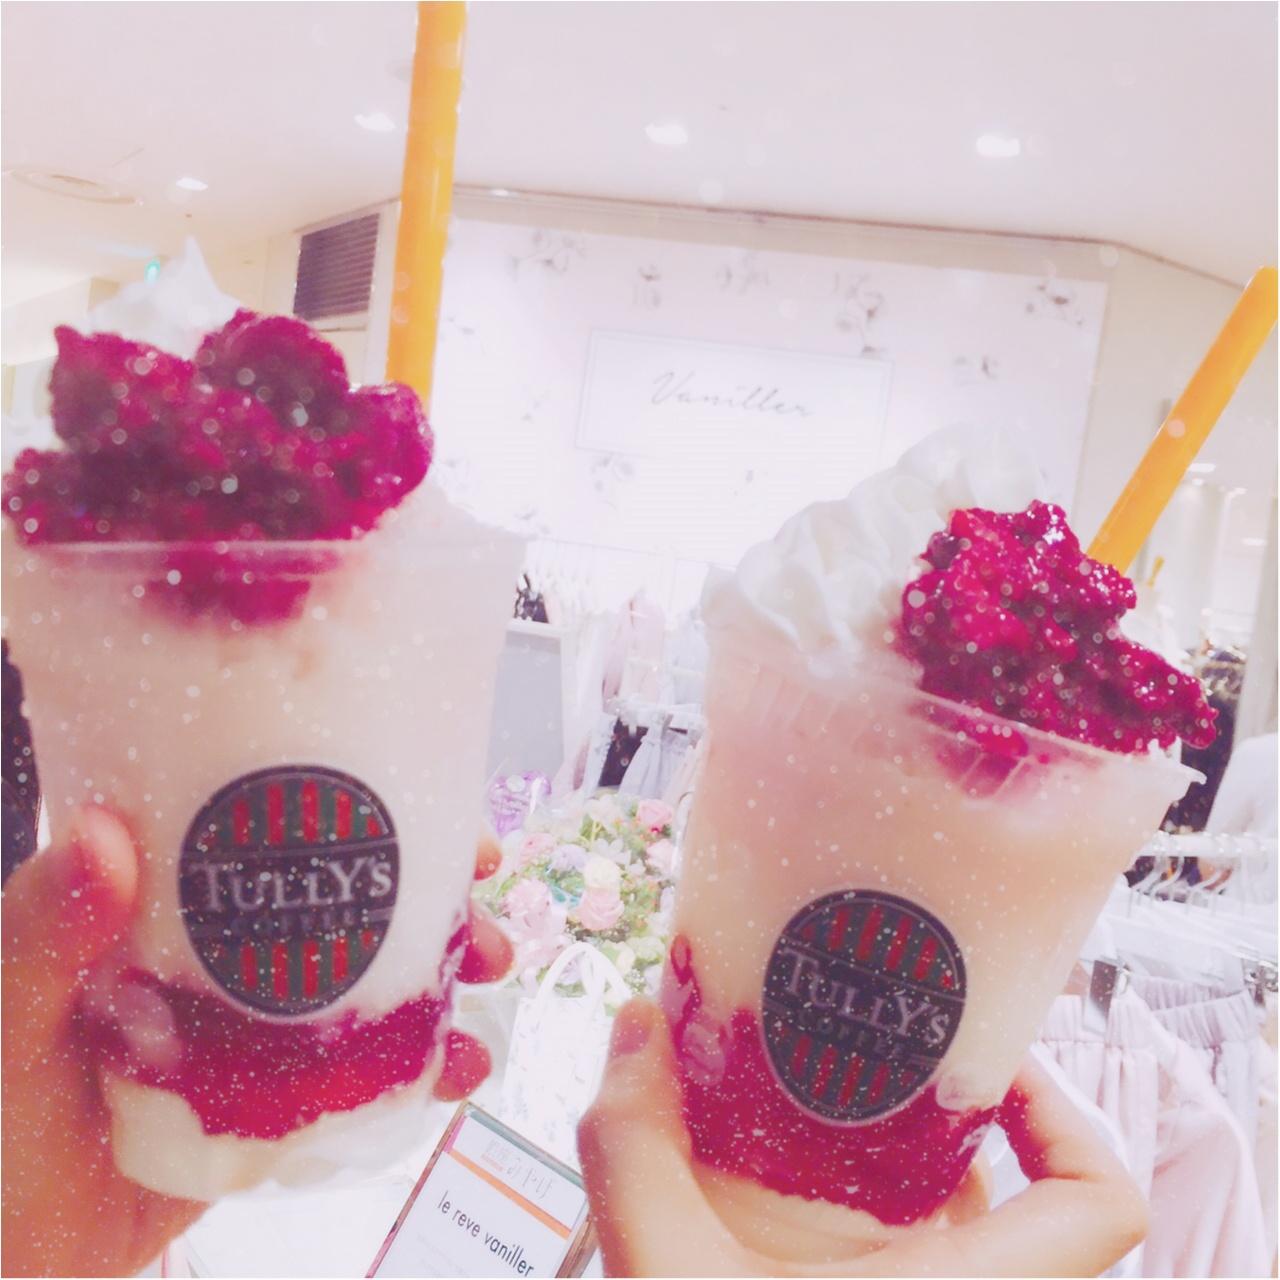 【8/21まで!】中田絵里奈さんプロデュース《le reve vaniller》 POPUP SHOP♡♡_1